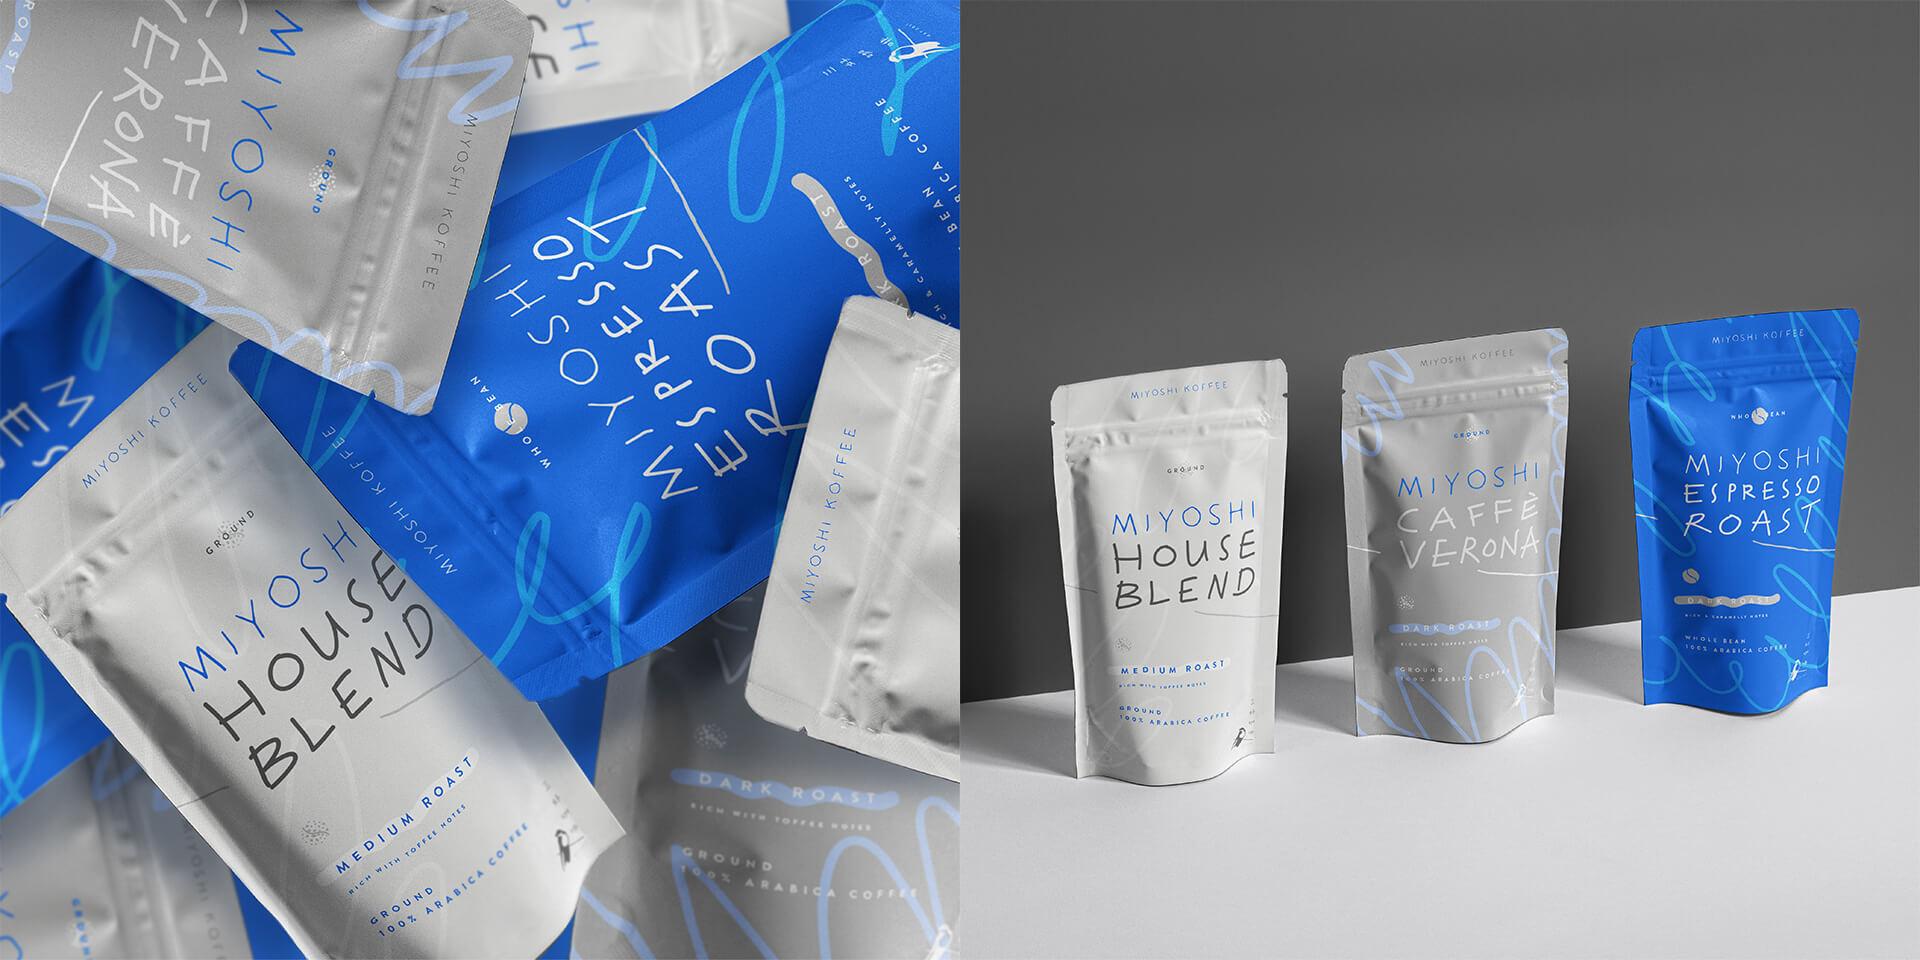 Miyoshi Koffee Packaging Design